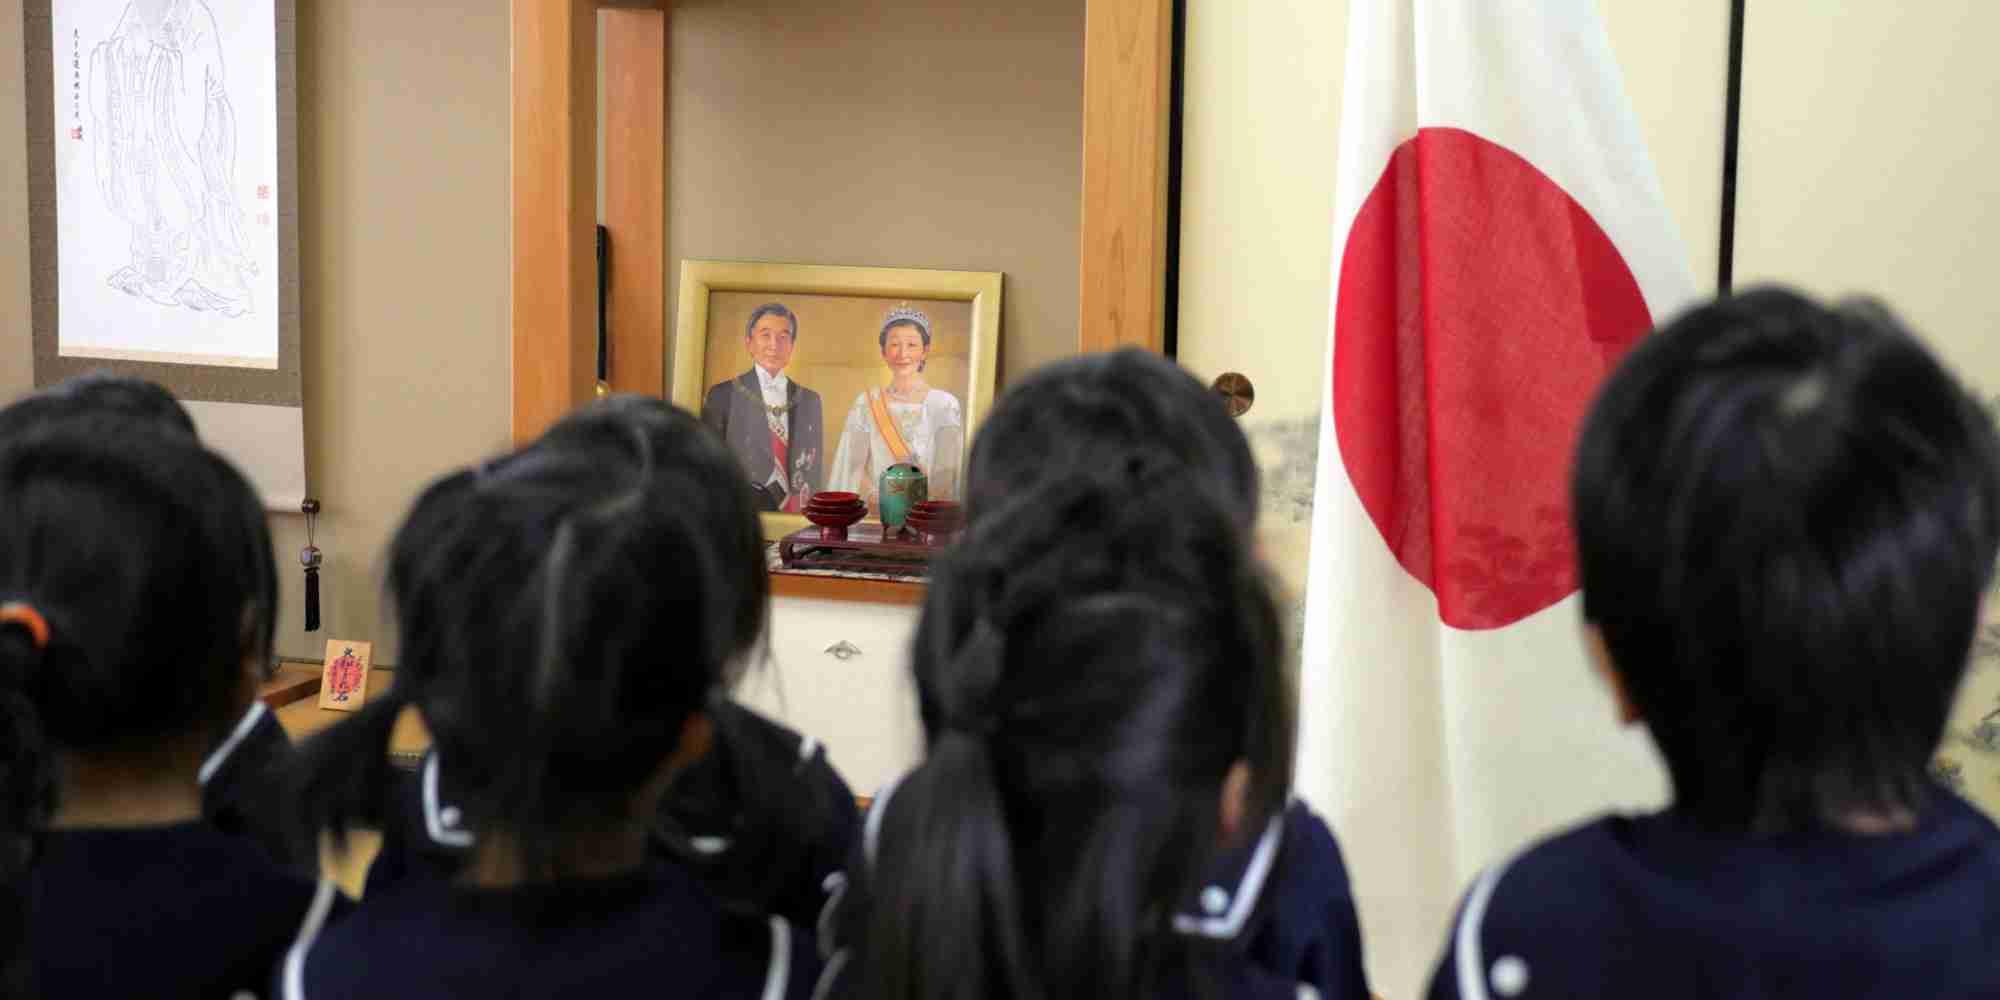 塚本幼稚園、保護者にヘイト文書 「民族差別の疑い」大阪府が調査